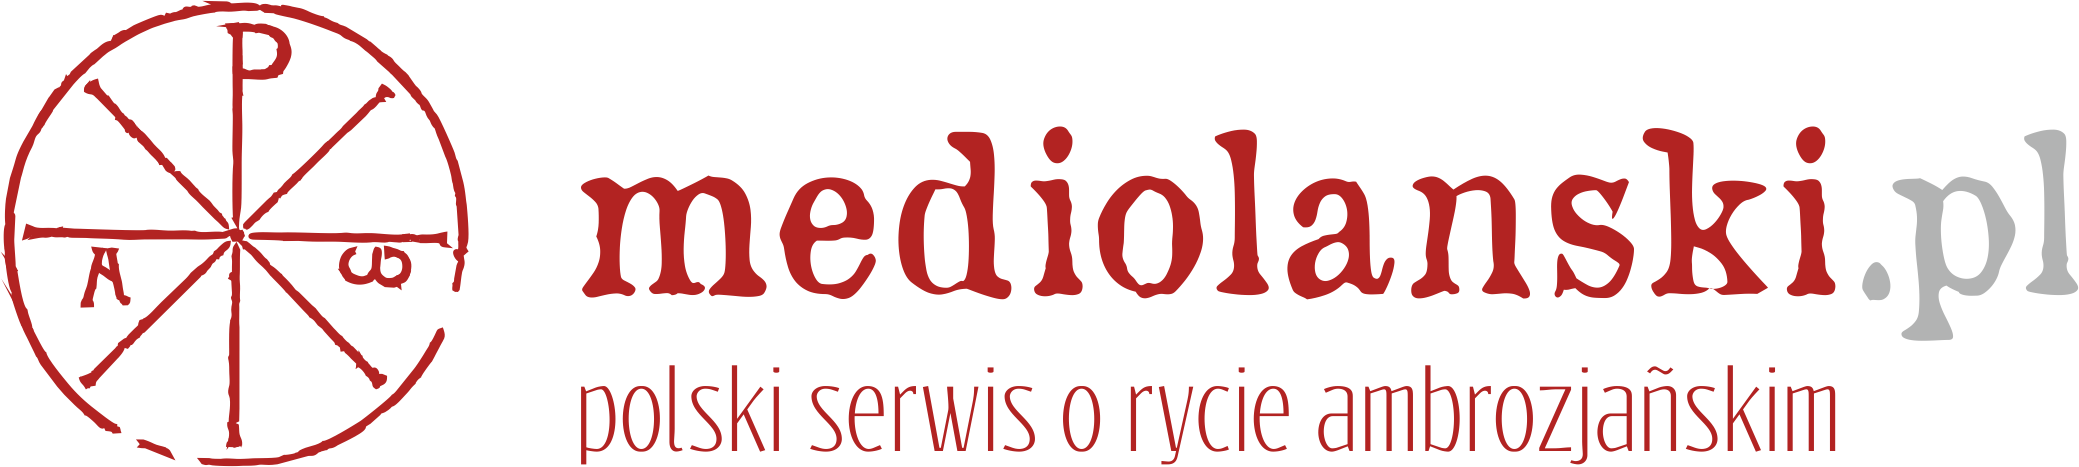 mediolanski.pl